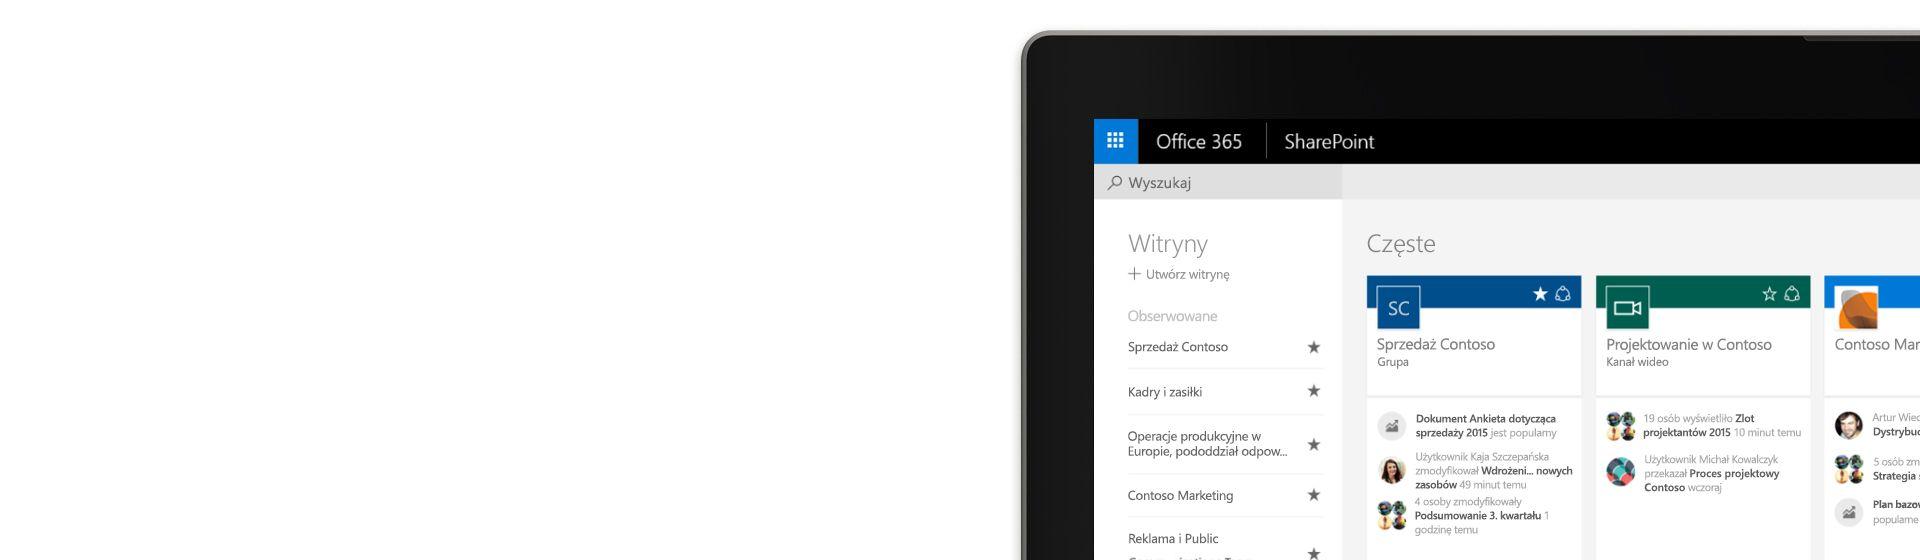 Róg ekranu laptopa z wyświetloną usługą Office 365 SharePoint dla firmy Contoso